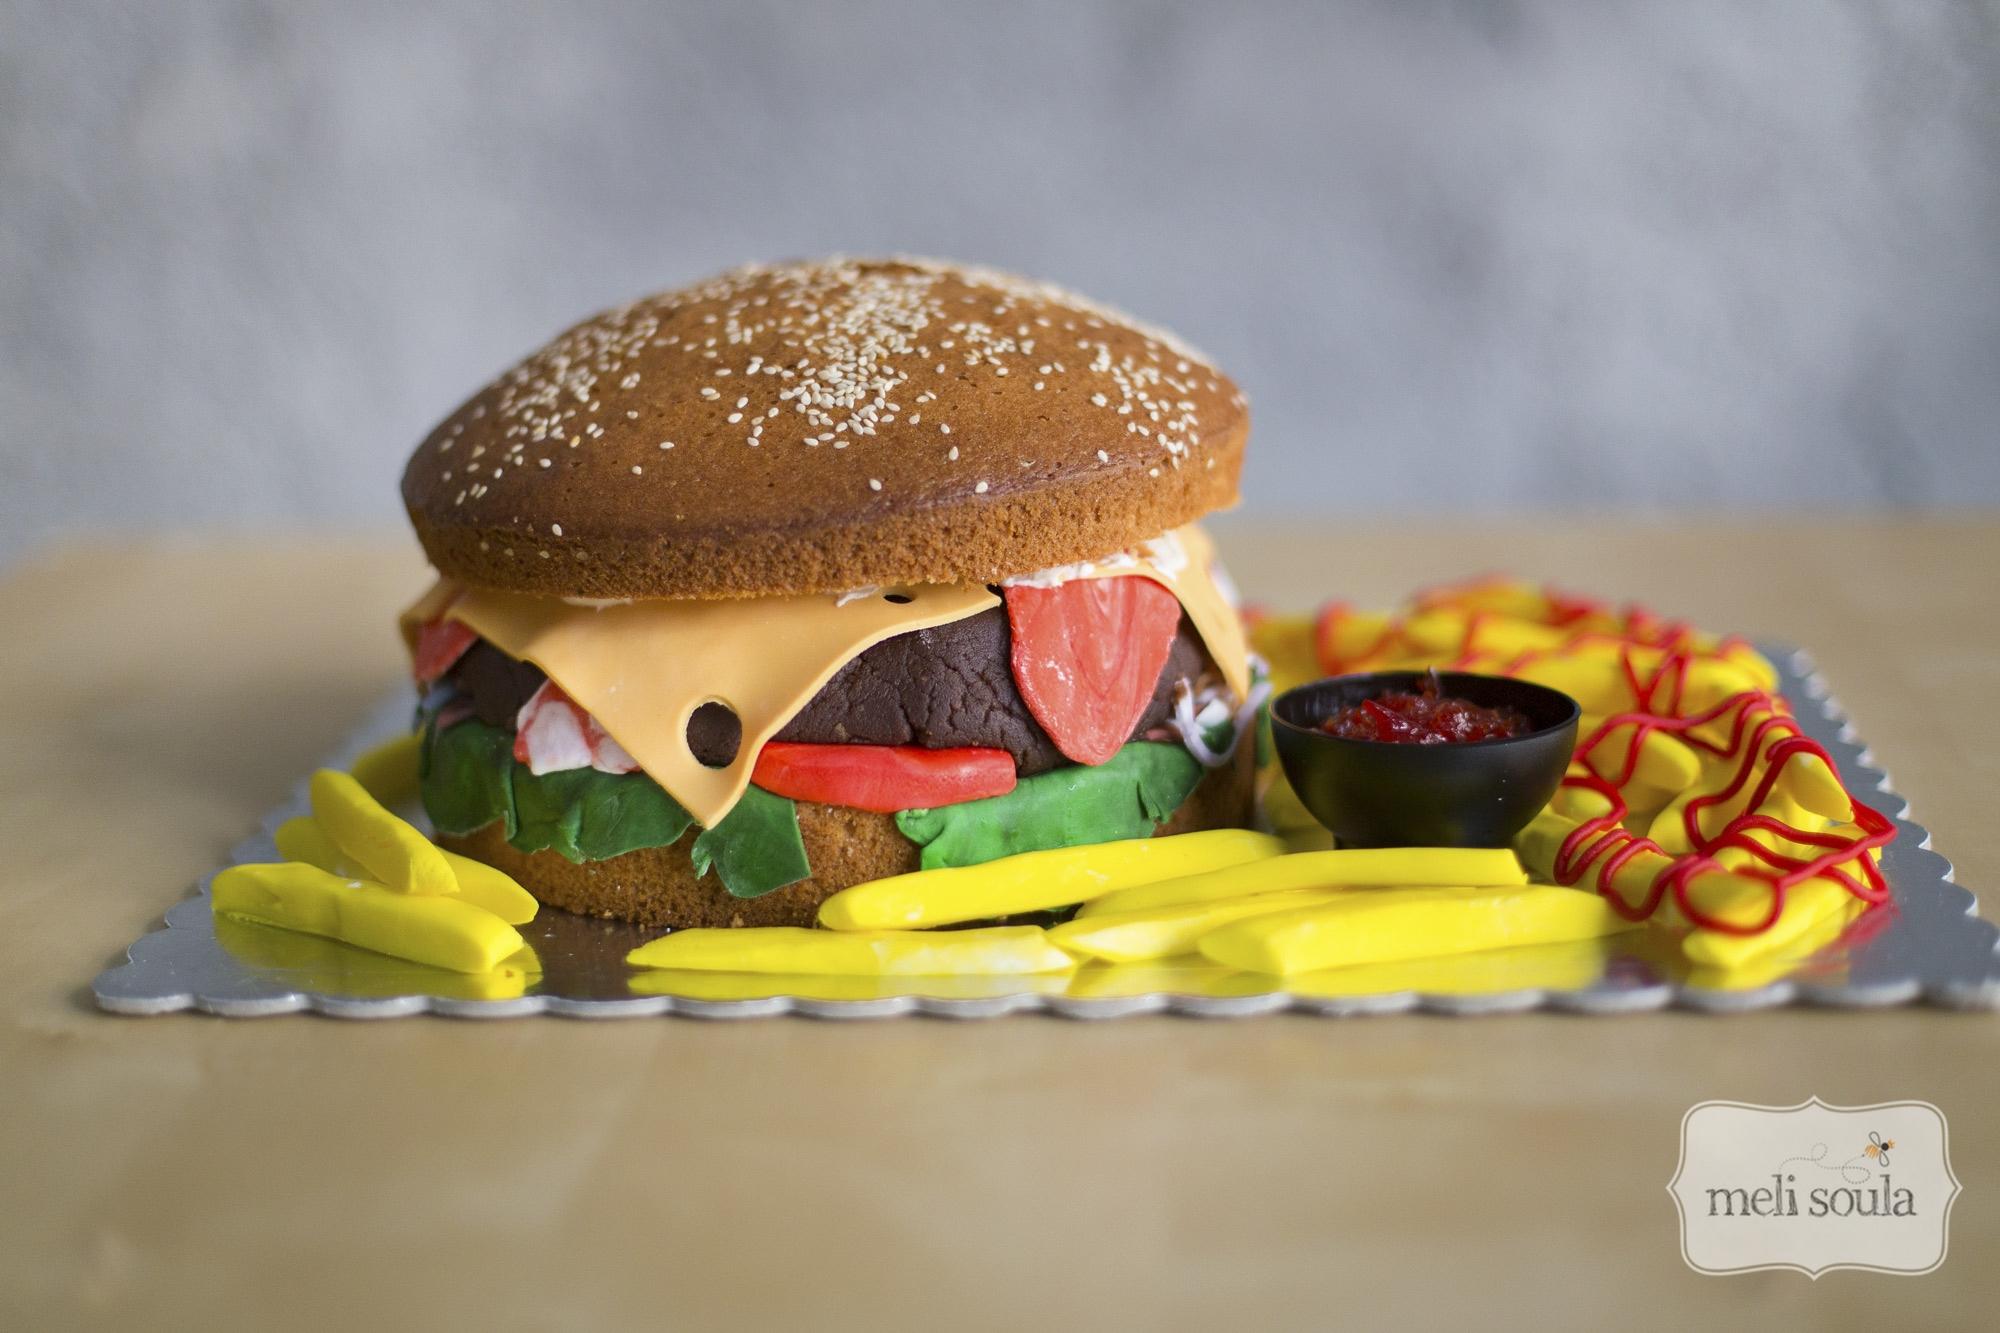 Τρισδιάστατη τούρτα χαμπουργκερ